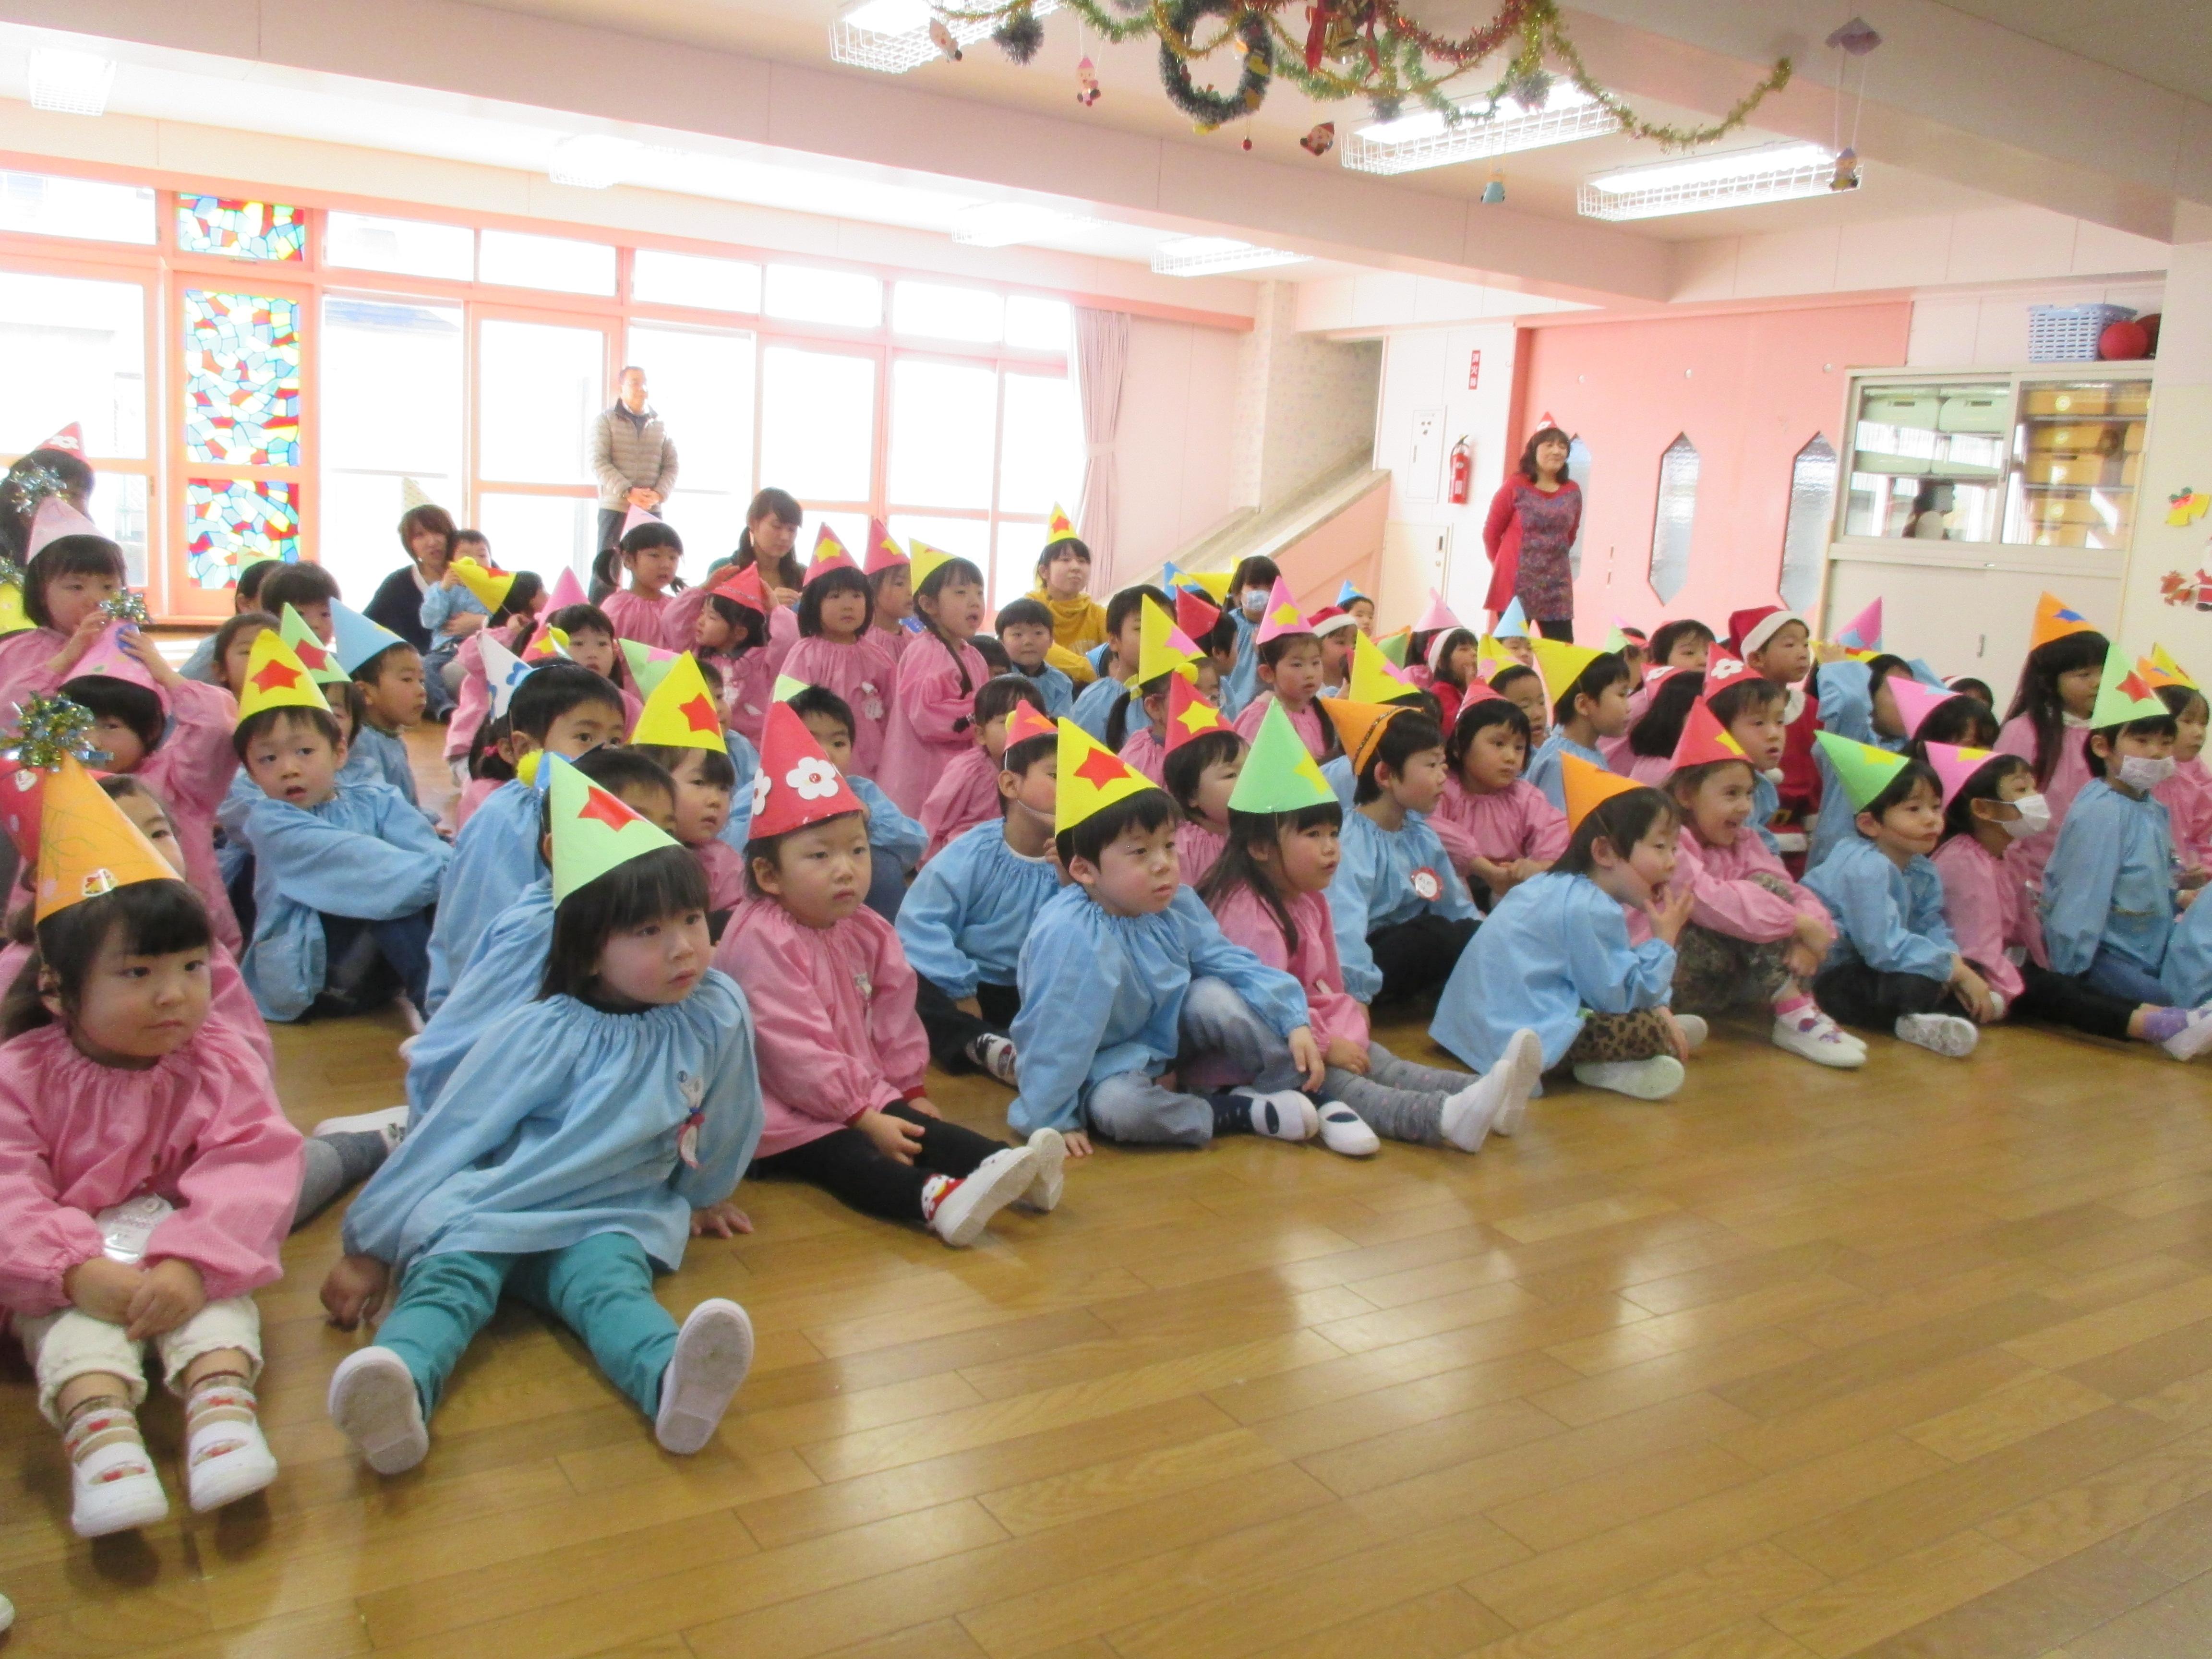 短大付属幼稚園にサンタさんがやってきた!